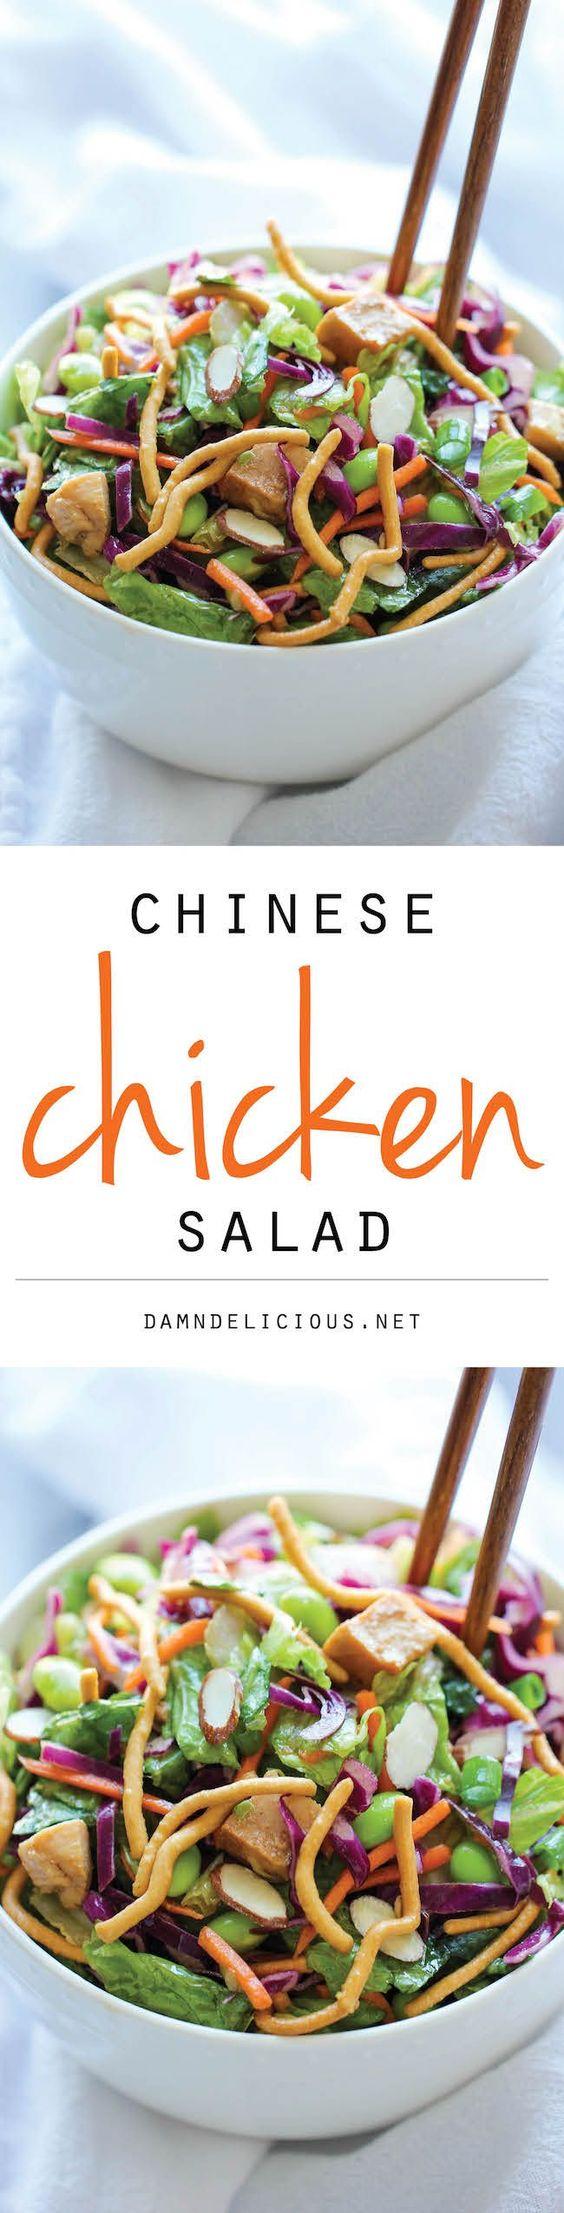 Chinese Chicken Salad | Recipe | Restaurant, Veggie kabobs and Salad ...